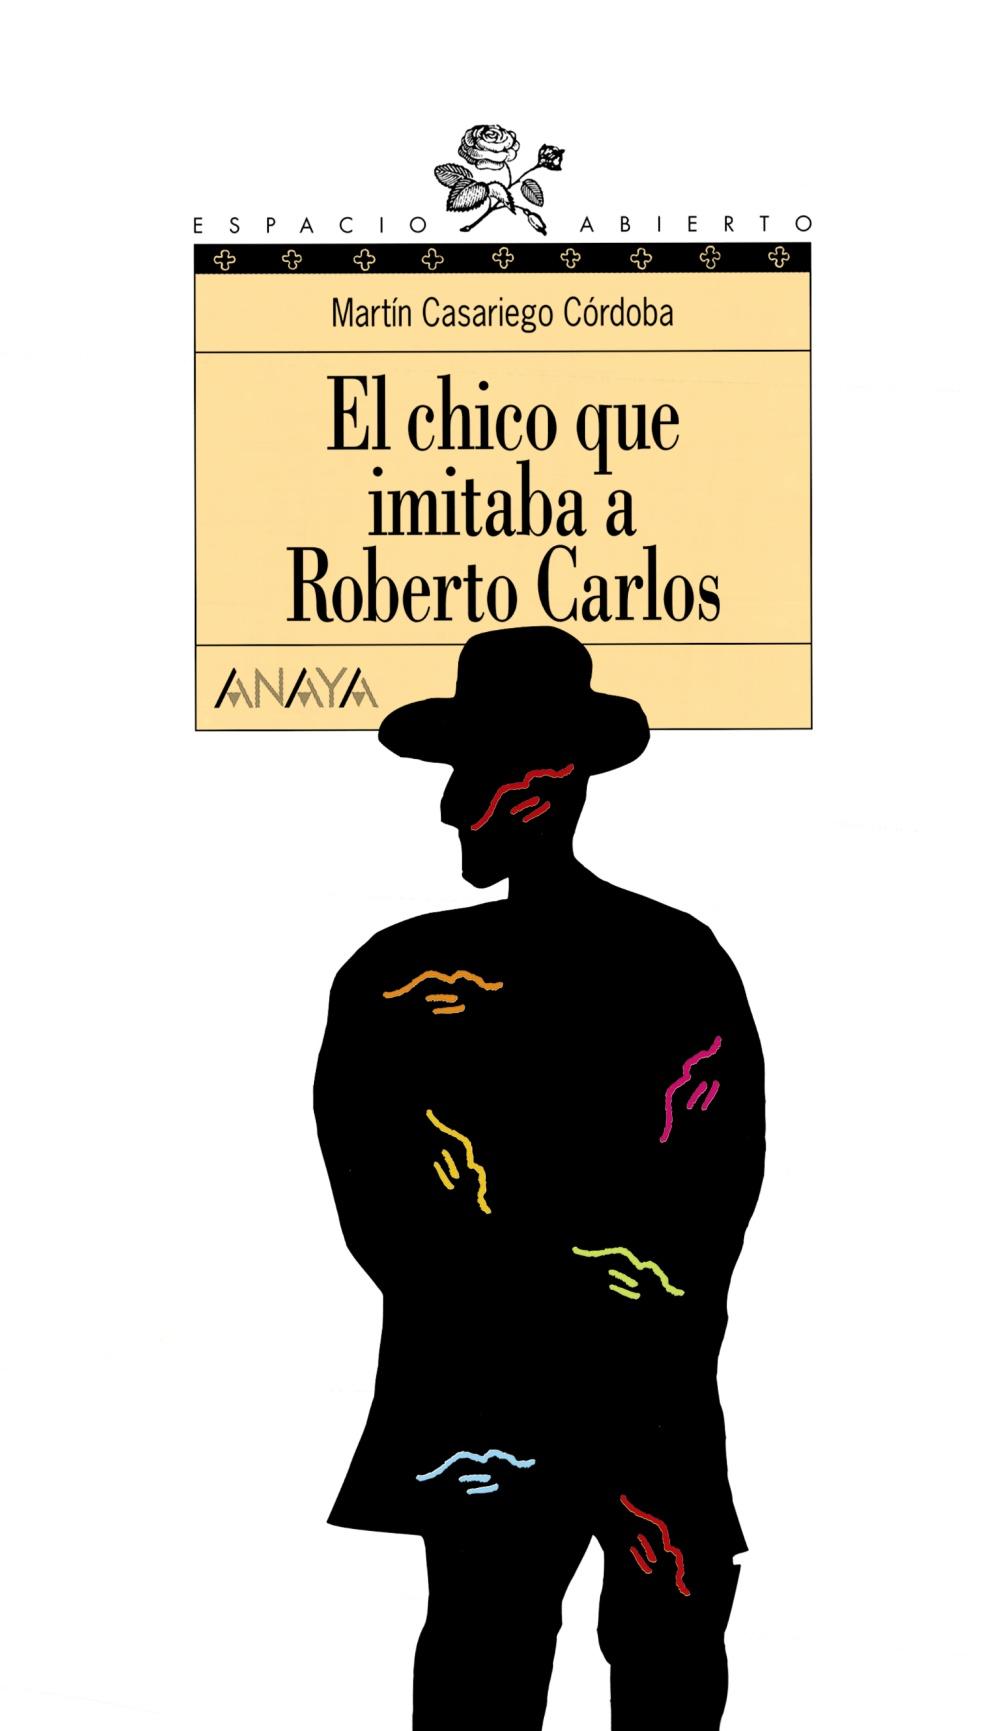 Resultado de imagen de EL CHICO QUE IMITABA A ROBERTO CARLOS